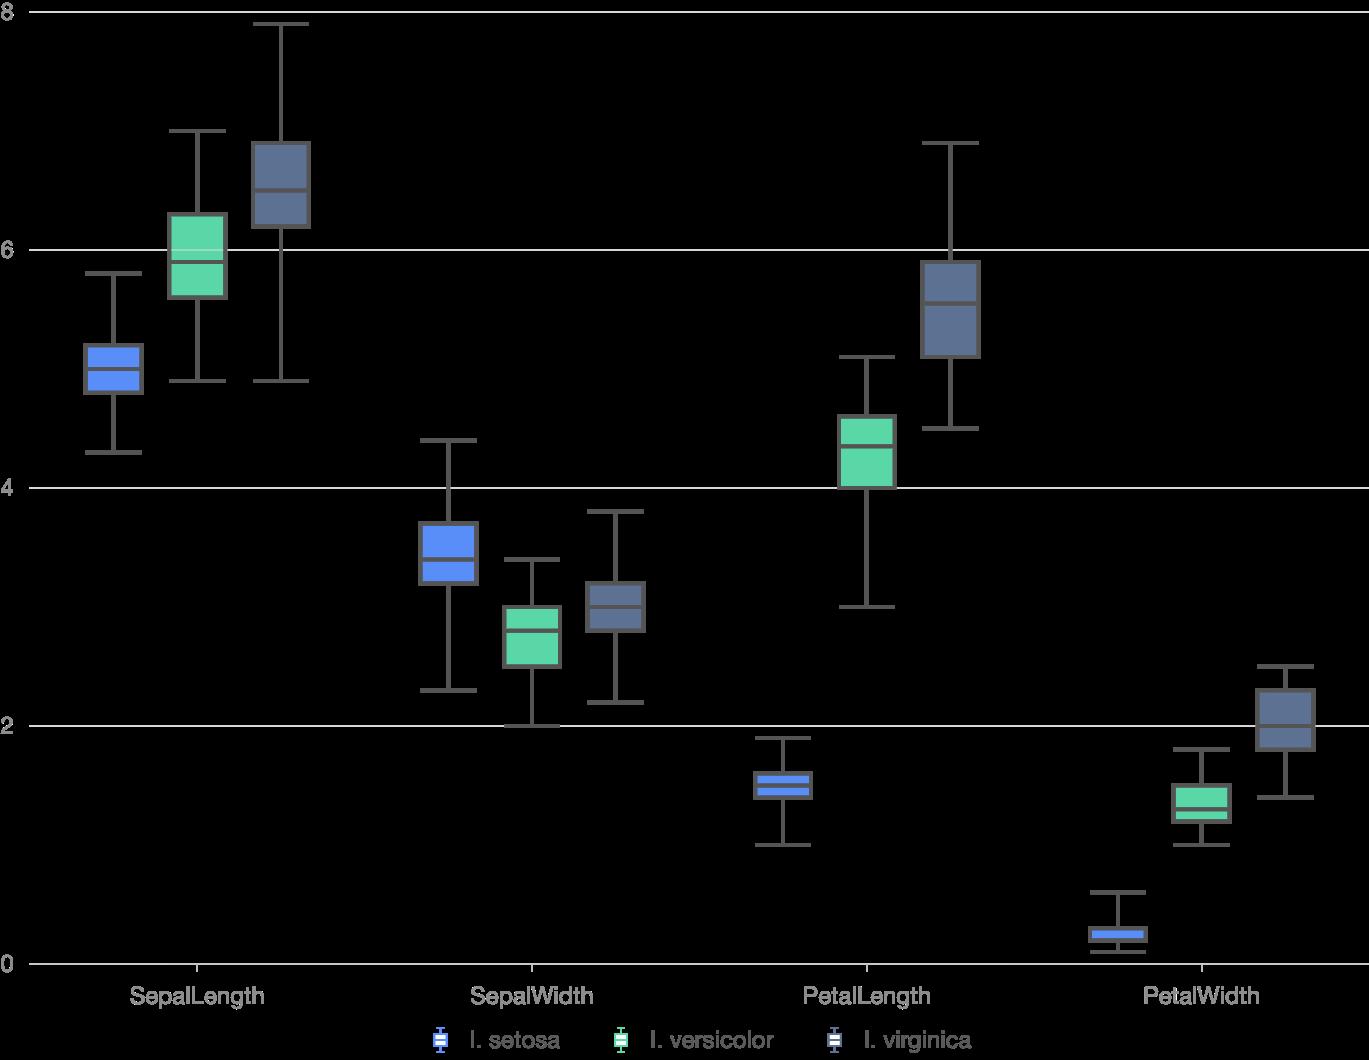 Grouped Box Chart